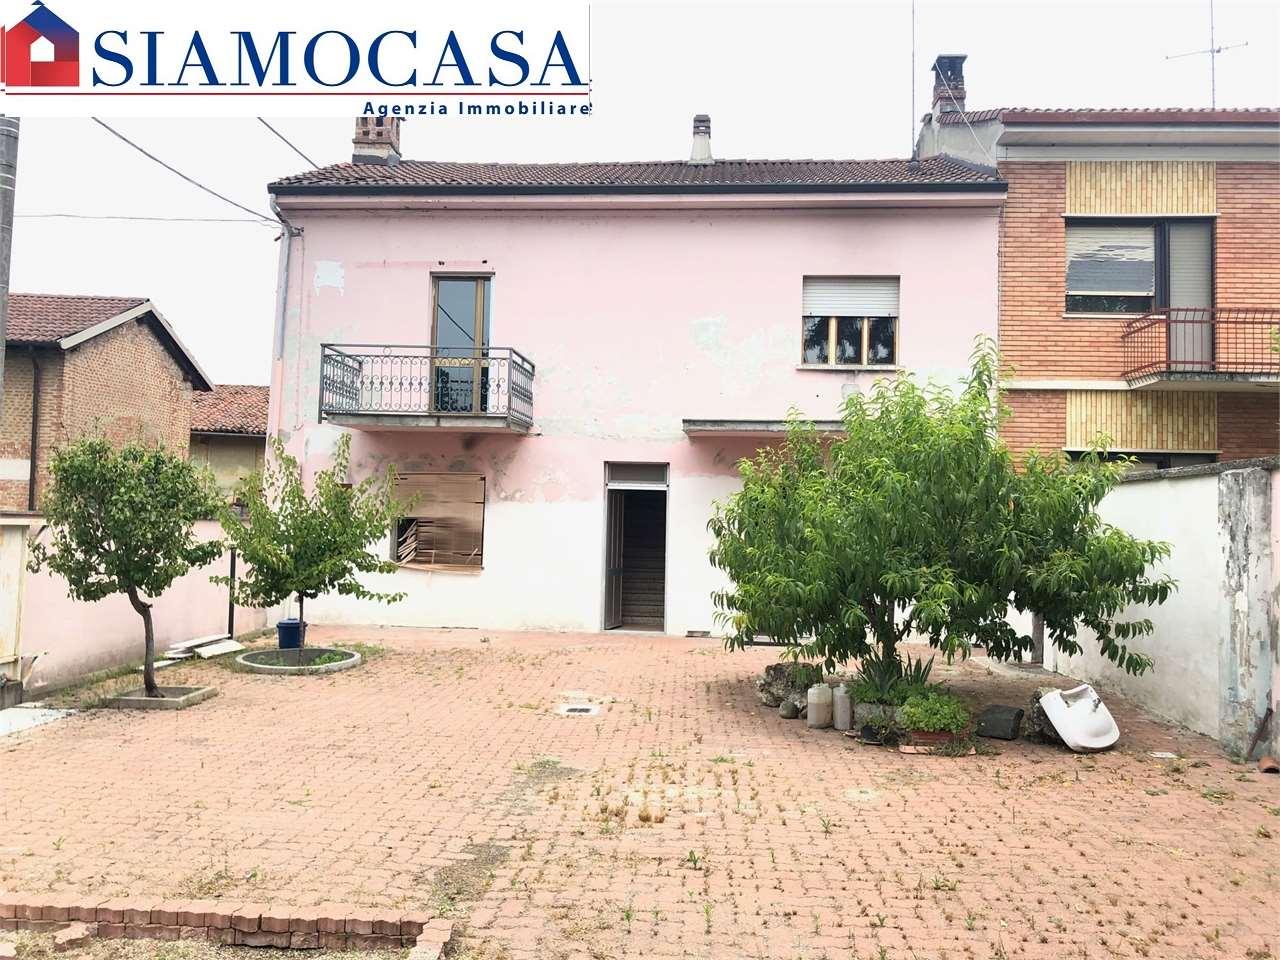 Soluzione Indipendente in vendita a Quargnento, 3 locali, prezzo € 45.000 | CambioCasa.it